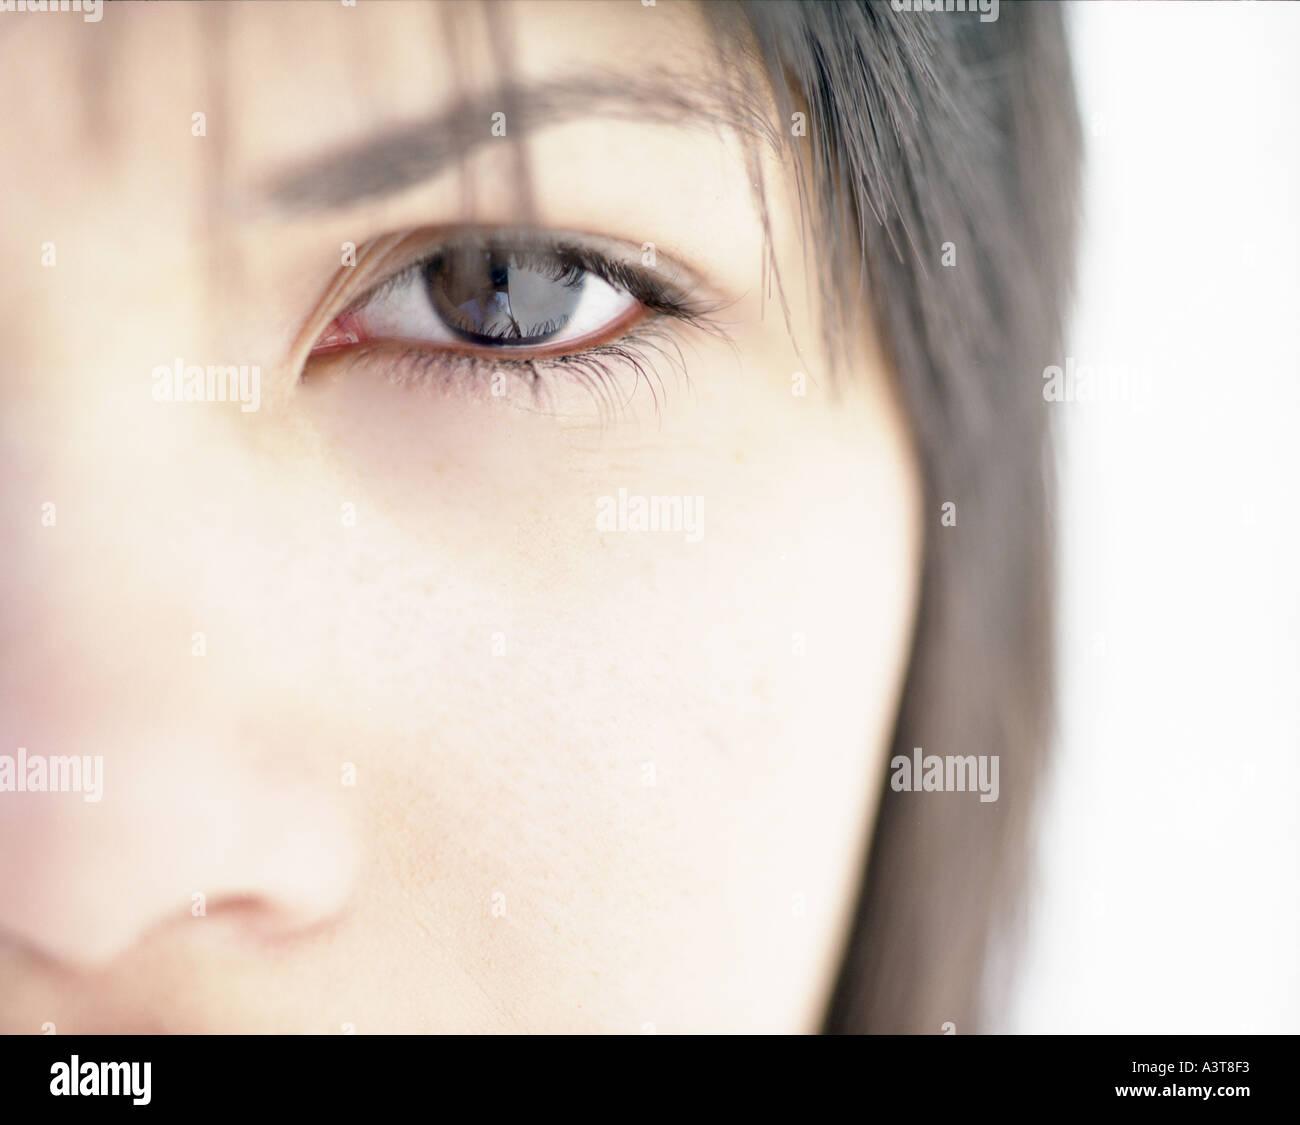 Occhi di donna fotografato frontalmente un occhio Immagini Stock